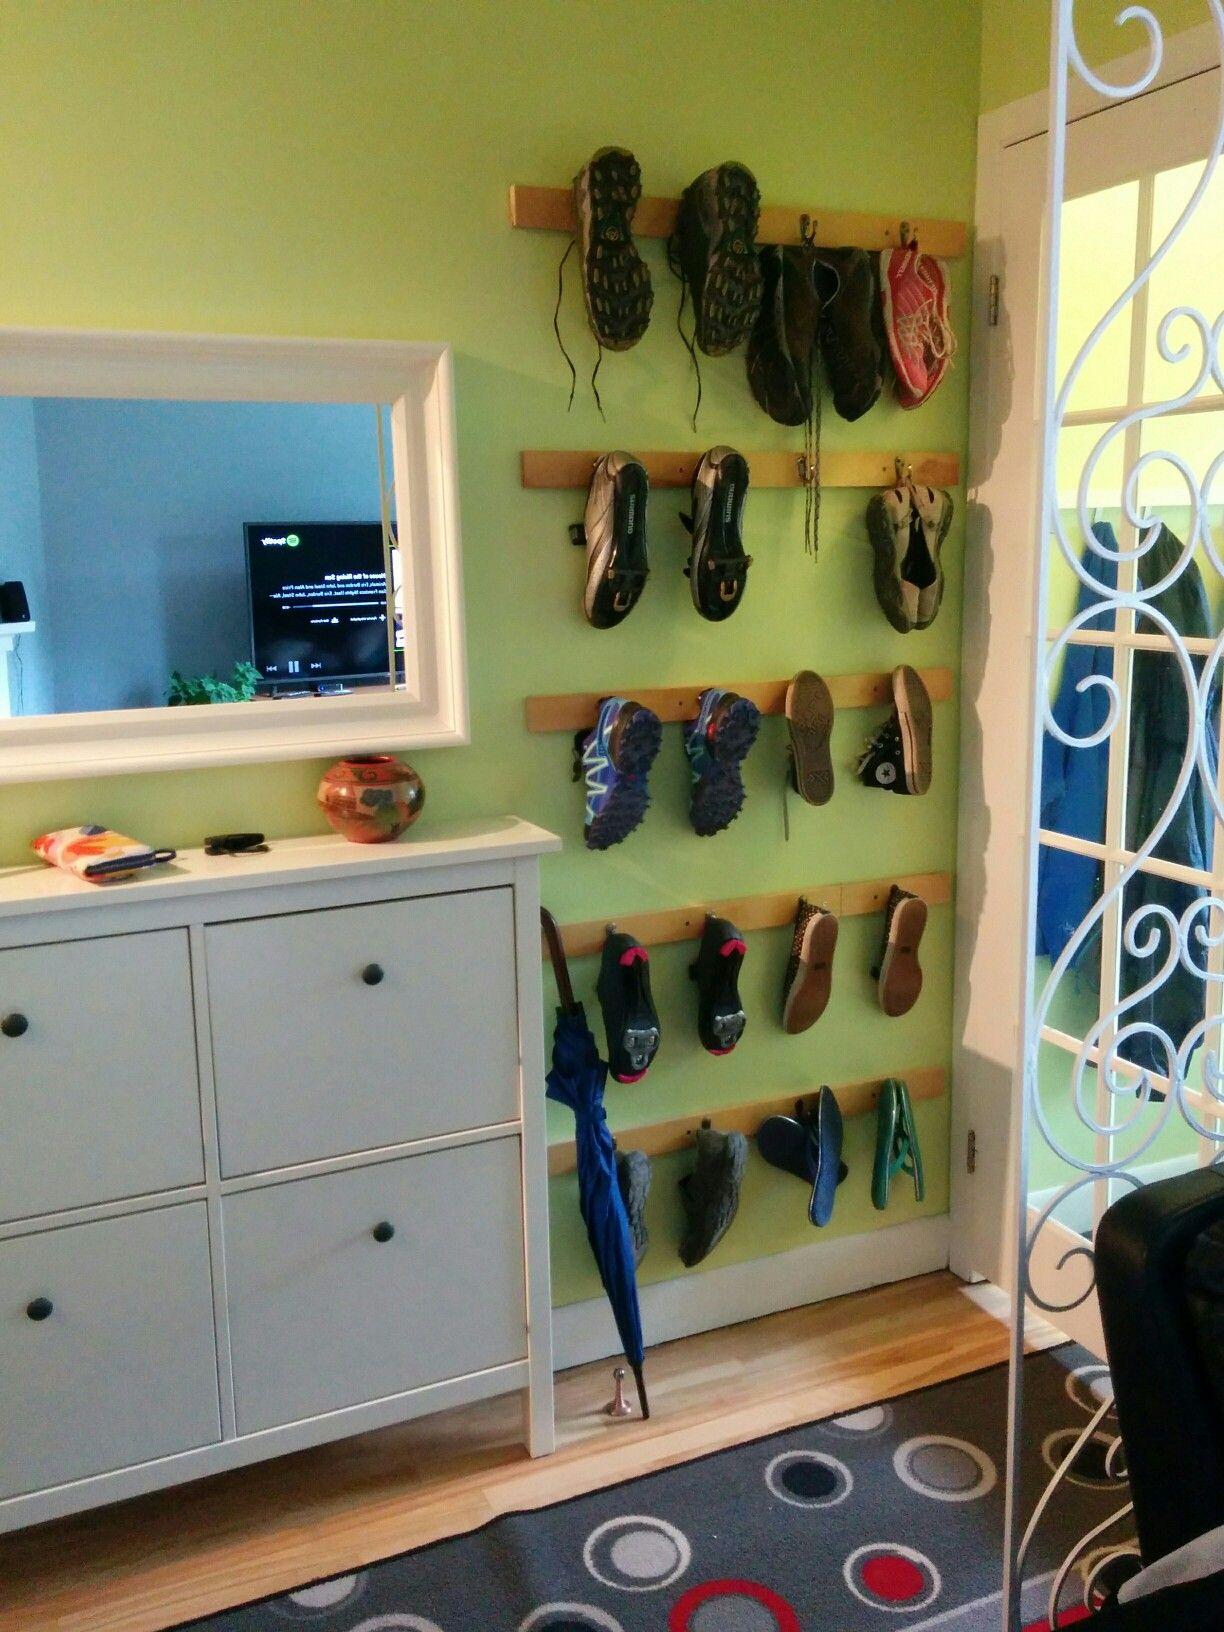 Range Chaussures Familial Fait Maison Chaussures Faite Maison Rangement Chaussures Rangement